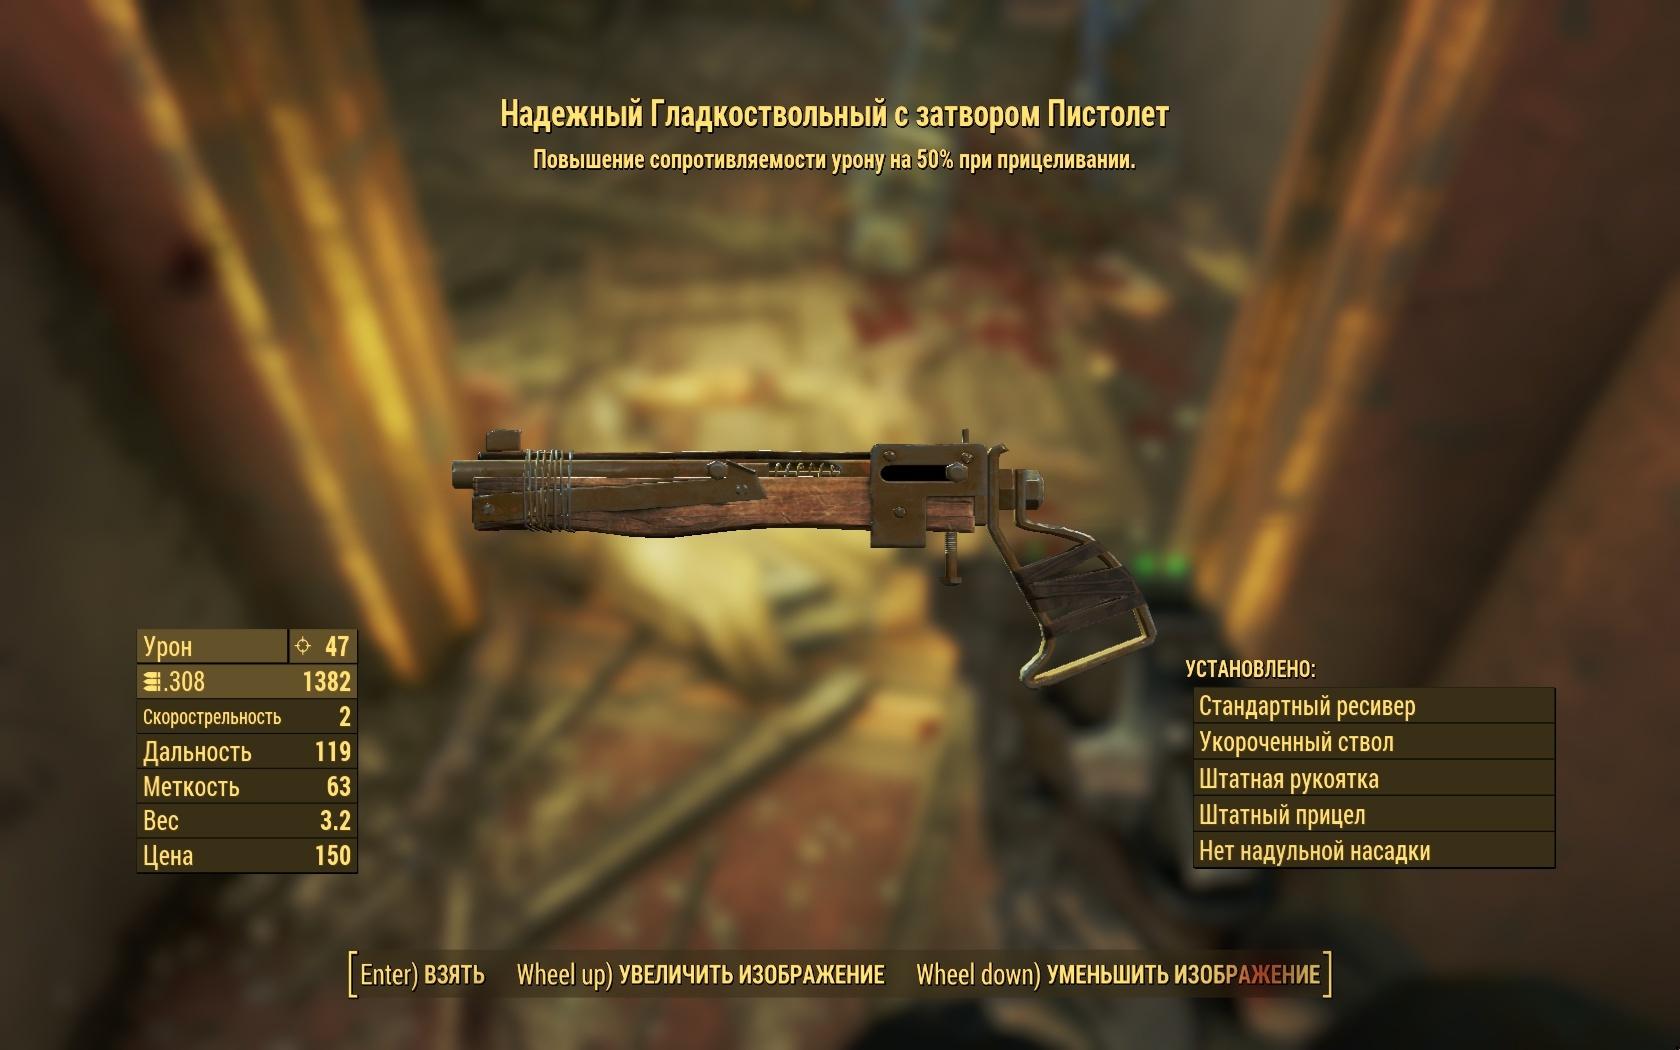 Надёжный гладкоствольный с затвором пистолет - Fallout 4 гладкоствольный, Надёжный, Оружие